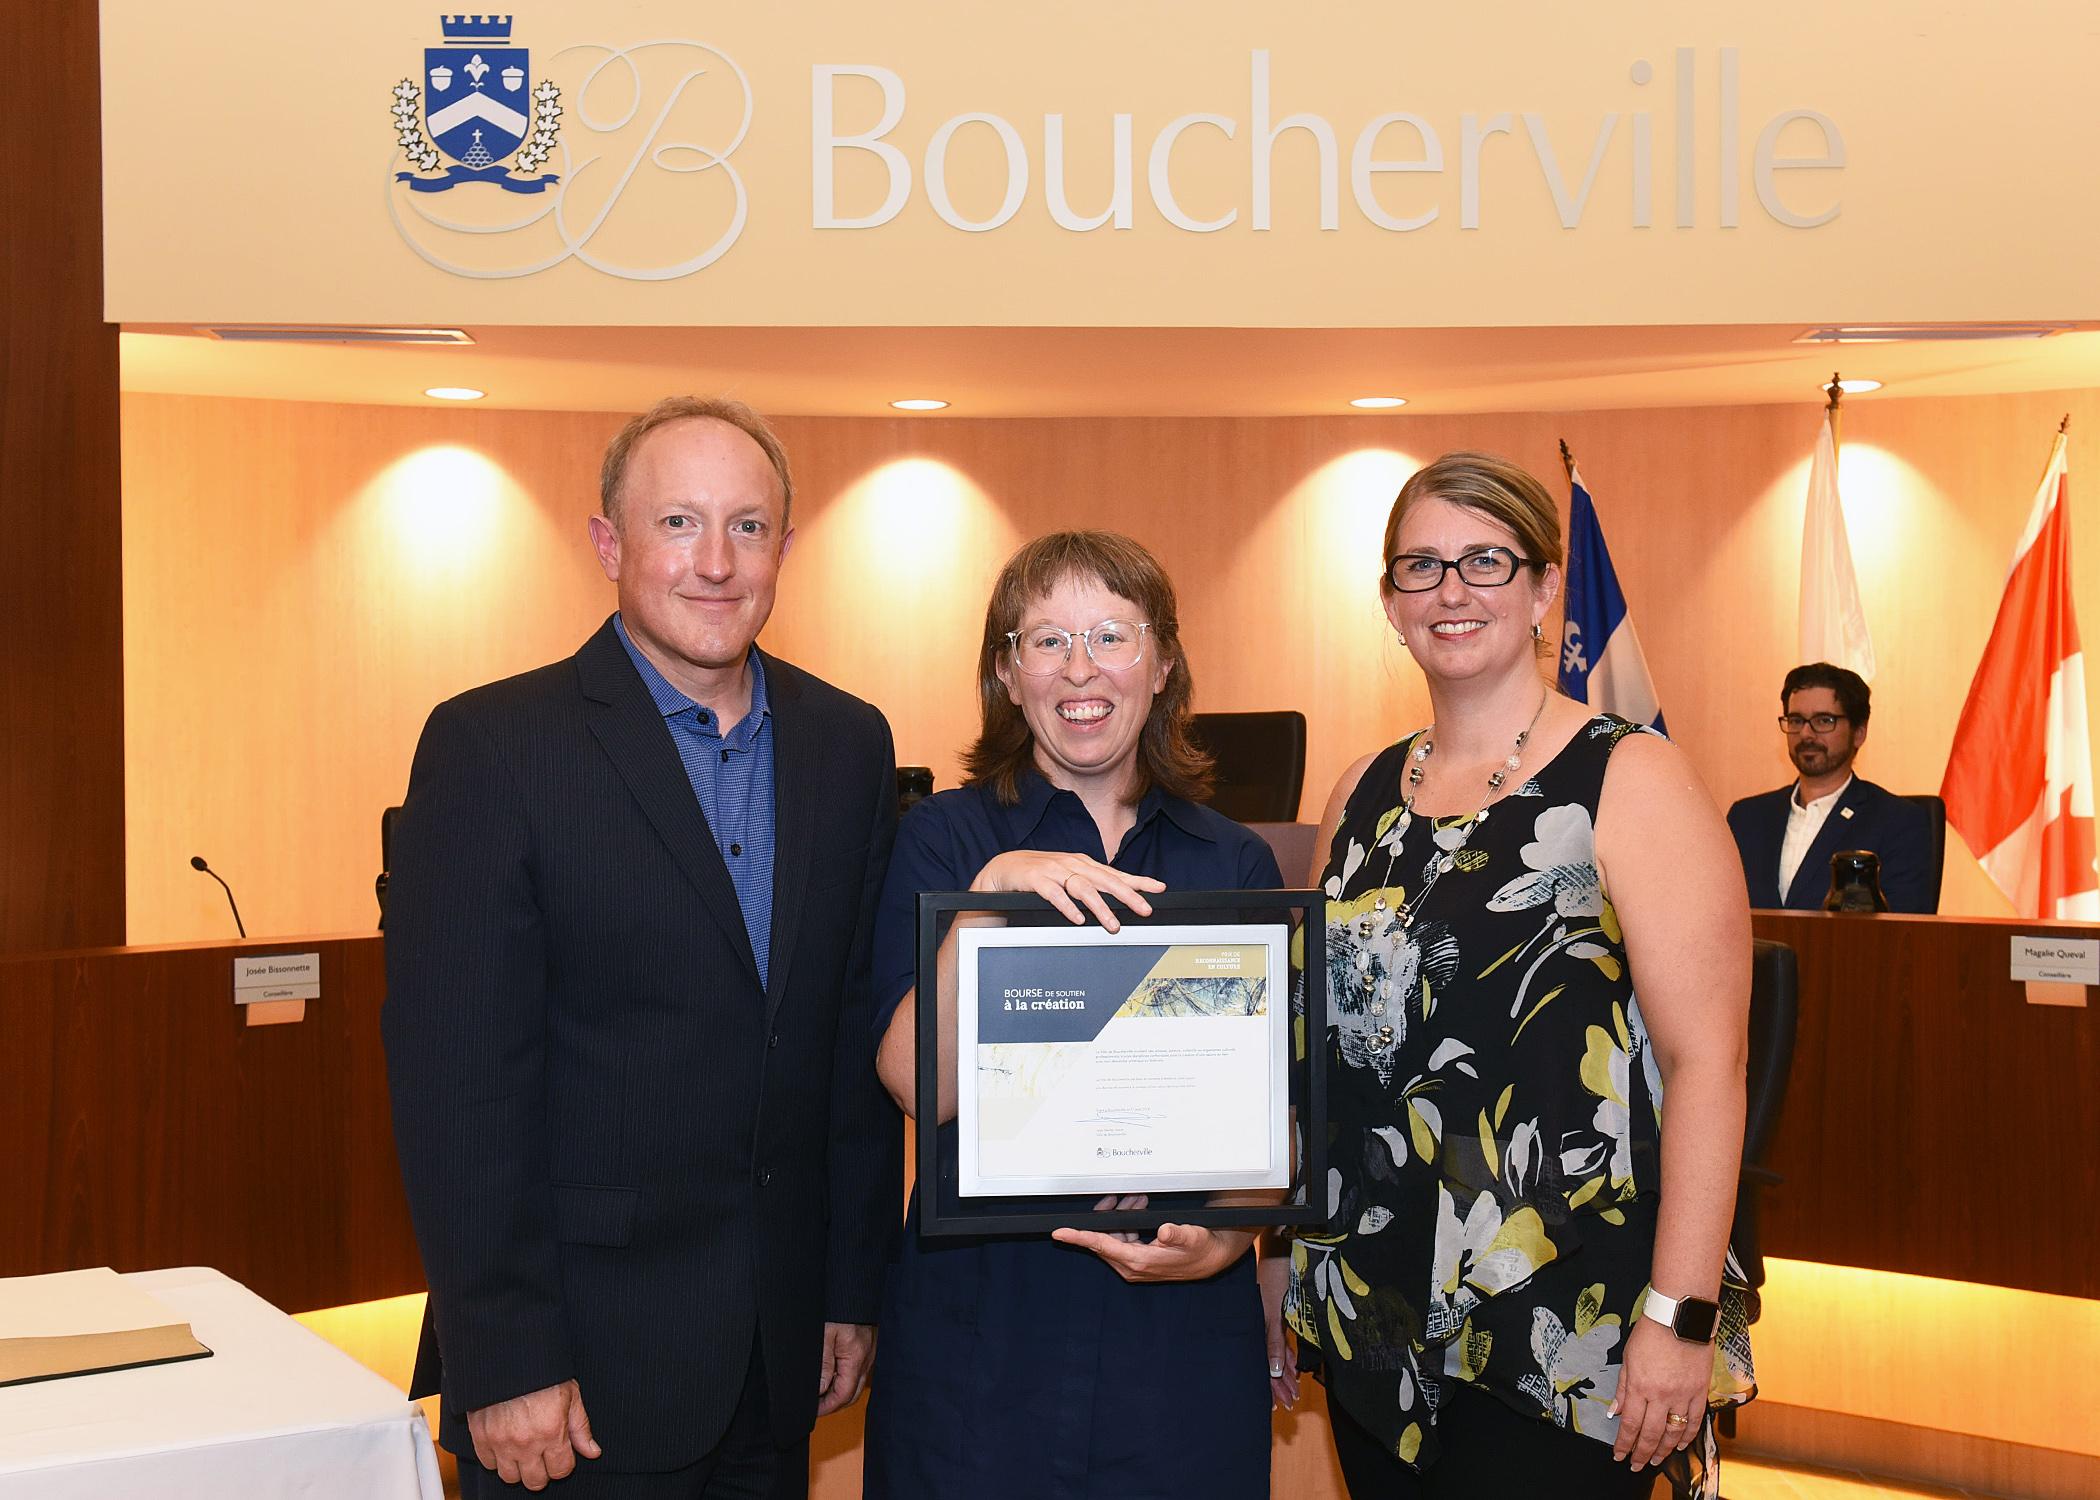 L'artiste bouchervilloise Julie Lequin reçoit une bourse de soutien de 5000 $